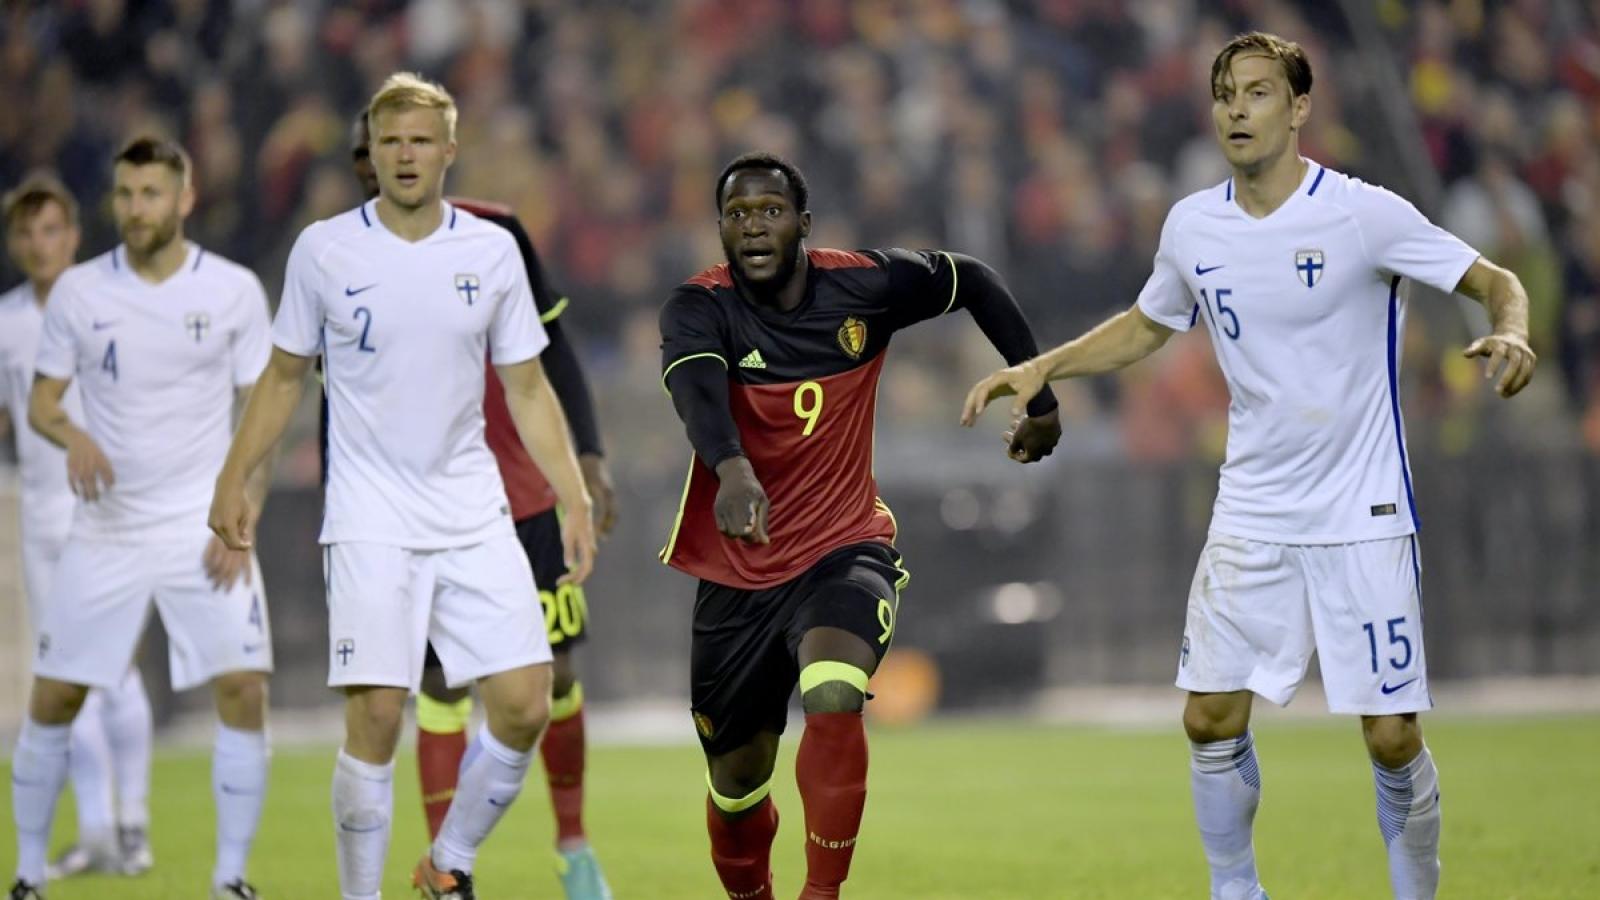 Lịch thi đấu EURO 2021 hôm nay (21/6): Bỉ đấu Phần Lan, Hà Lan so tài Bắc Macedonia